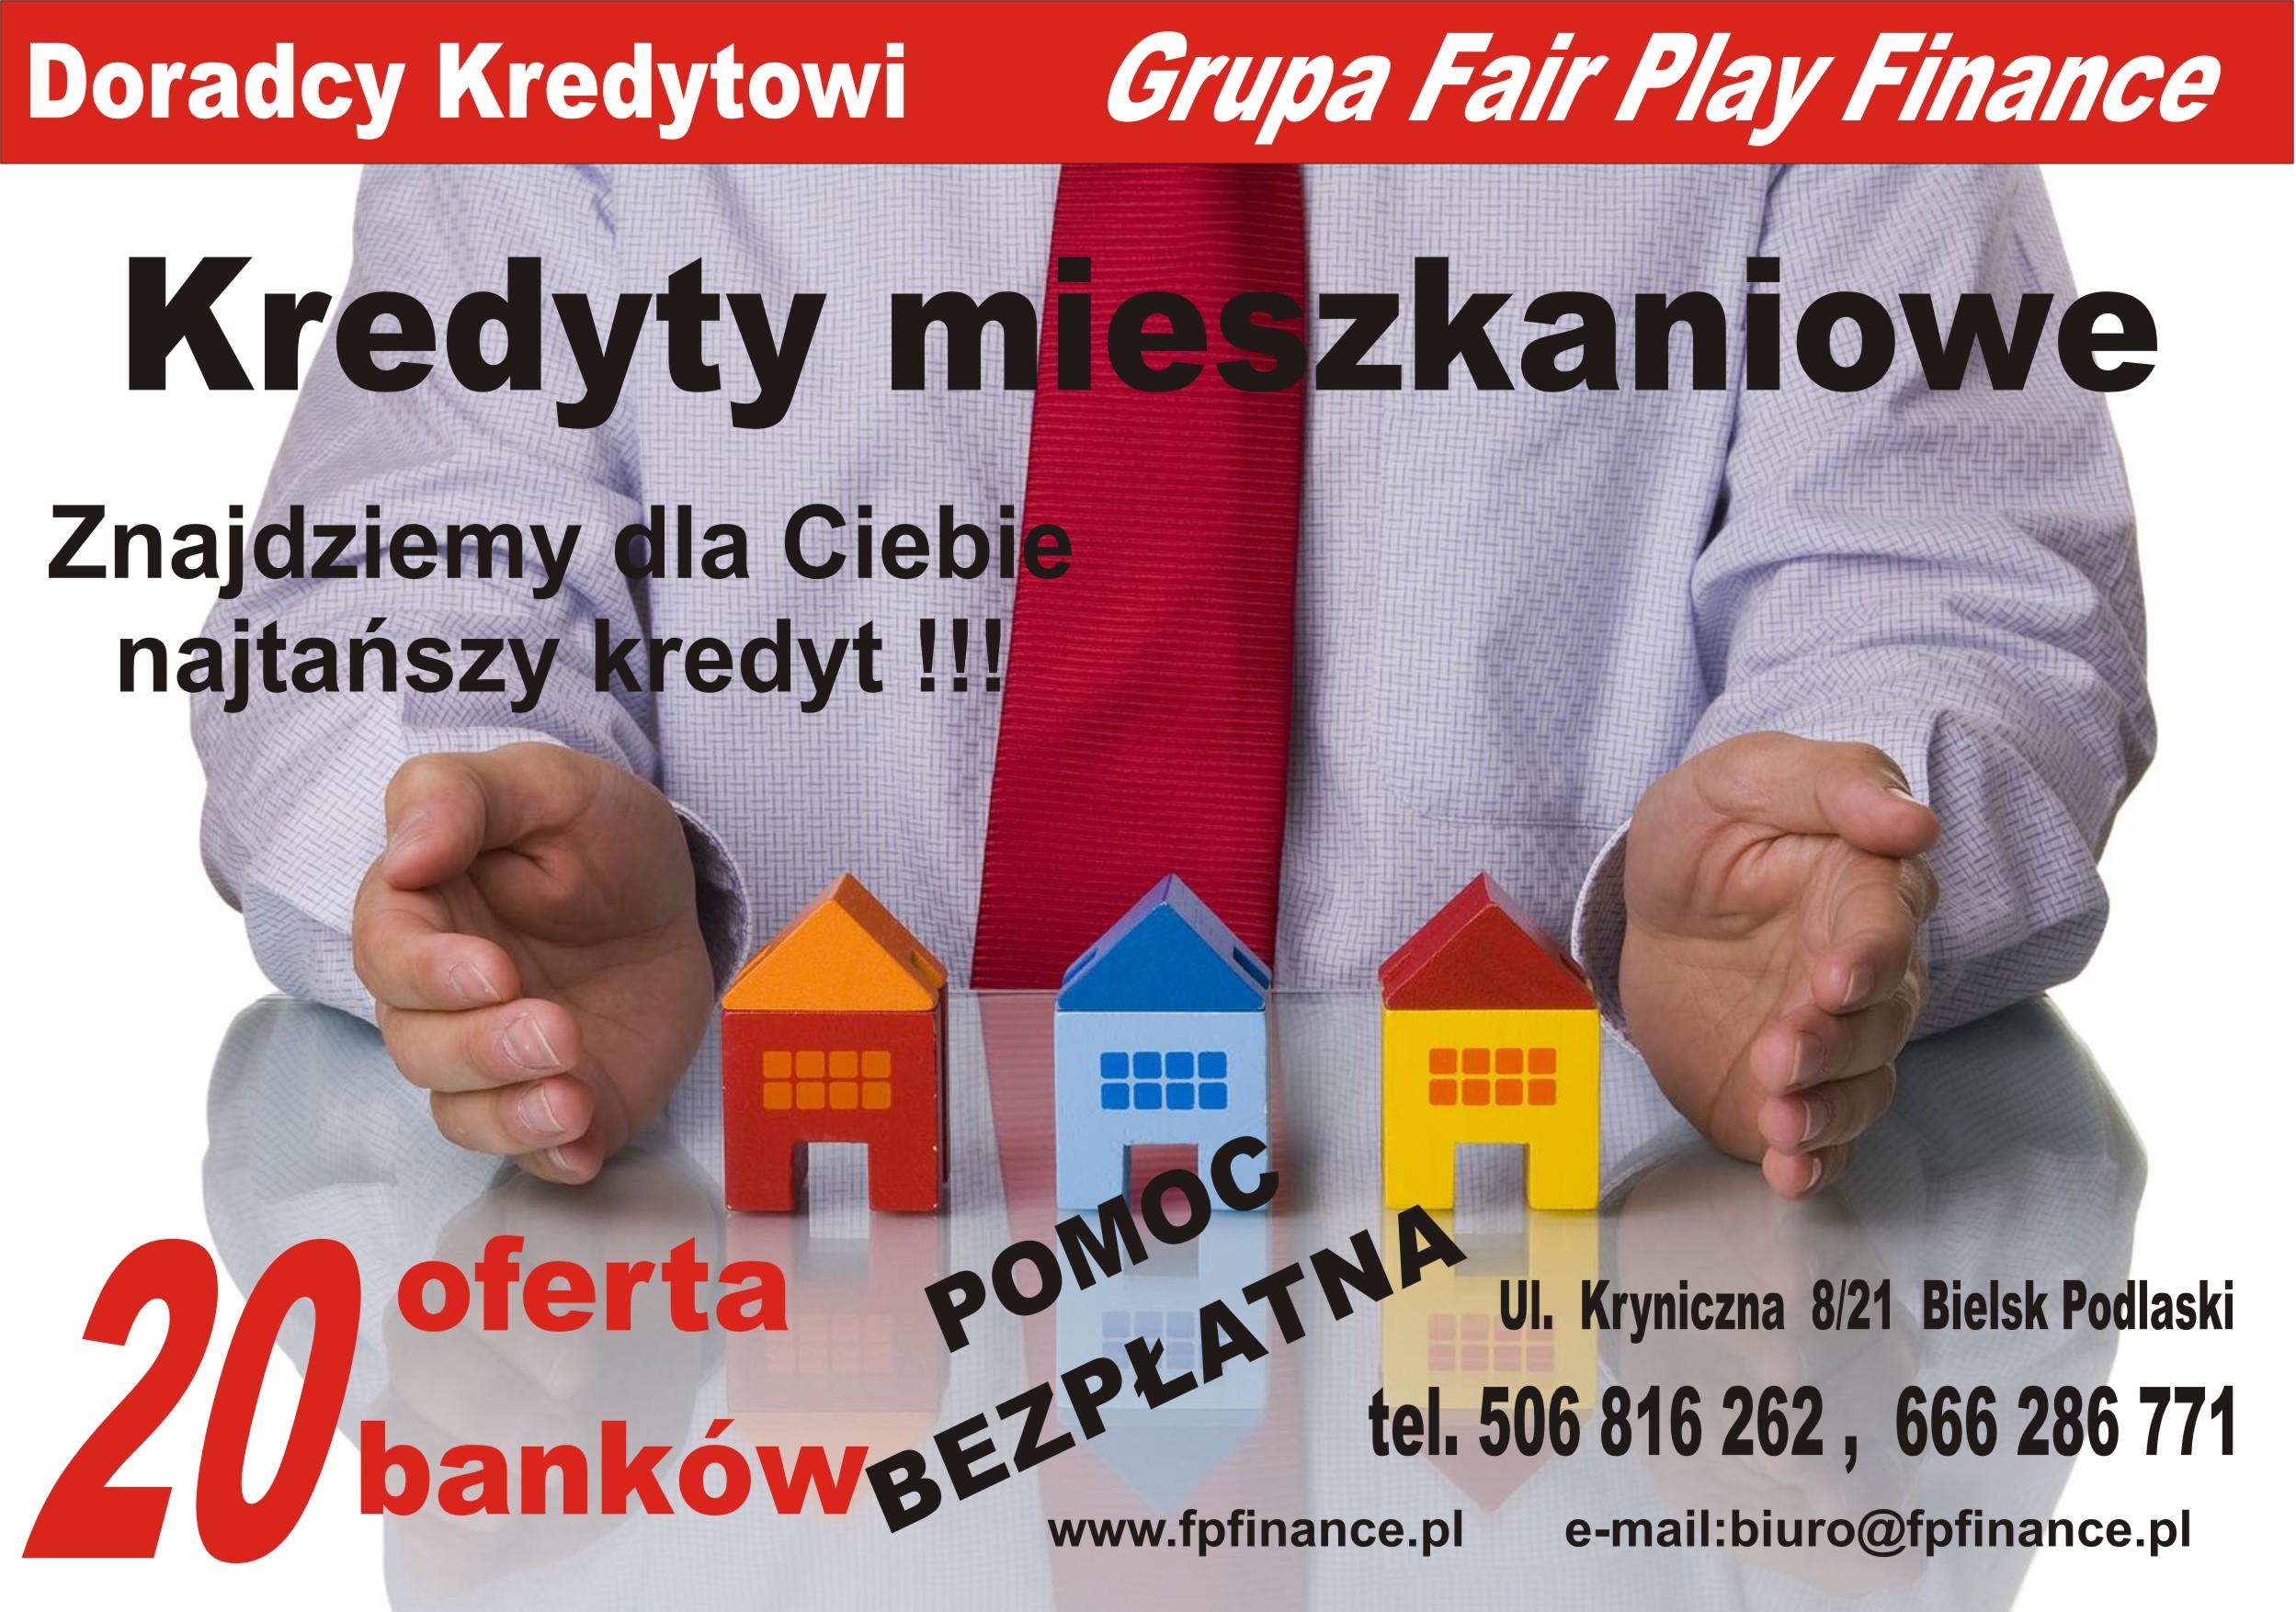 Pośrednictwo Kredytowe Fair Play Finance - adres, telefon, www | Banki - kredyty Bielsk Podlaski  Bielsk Podlaski